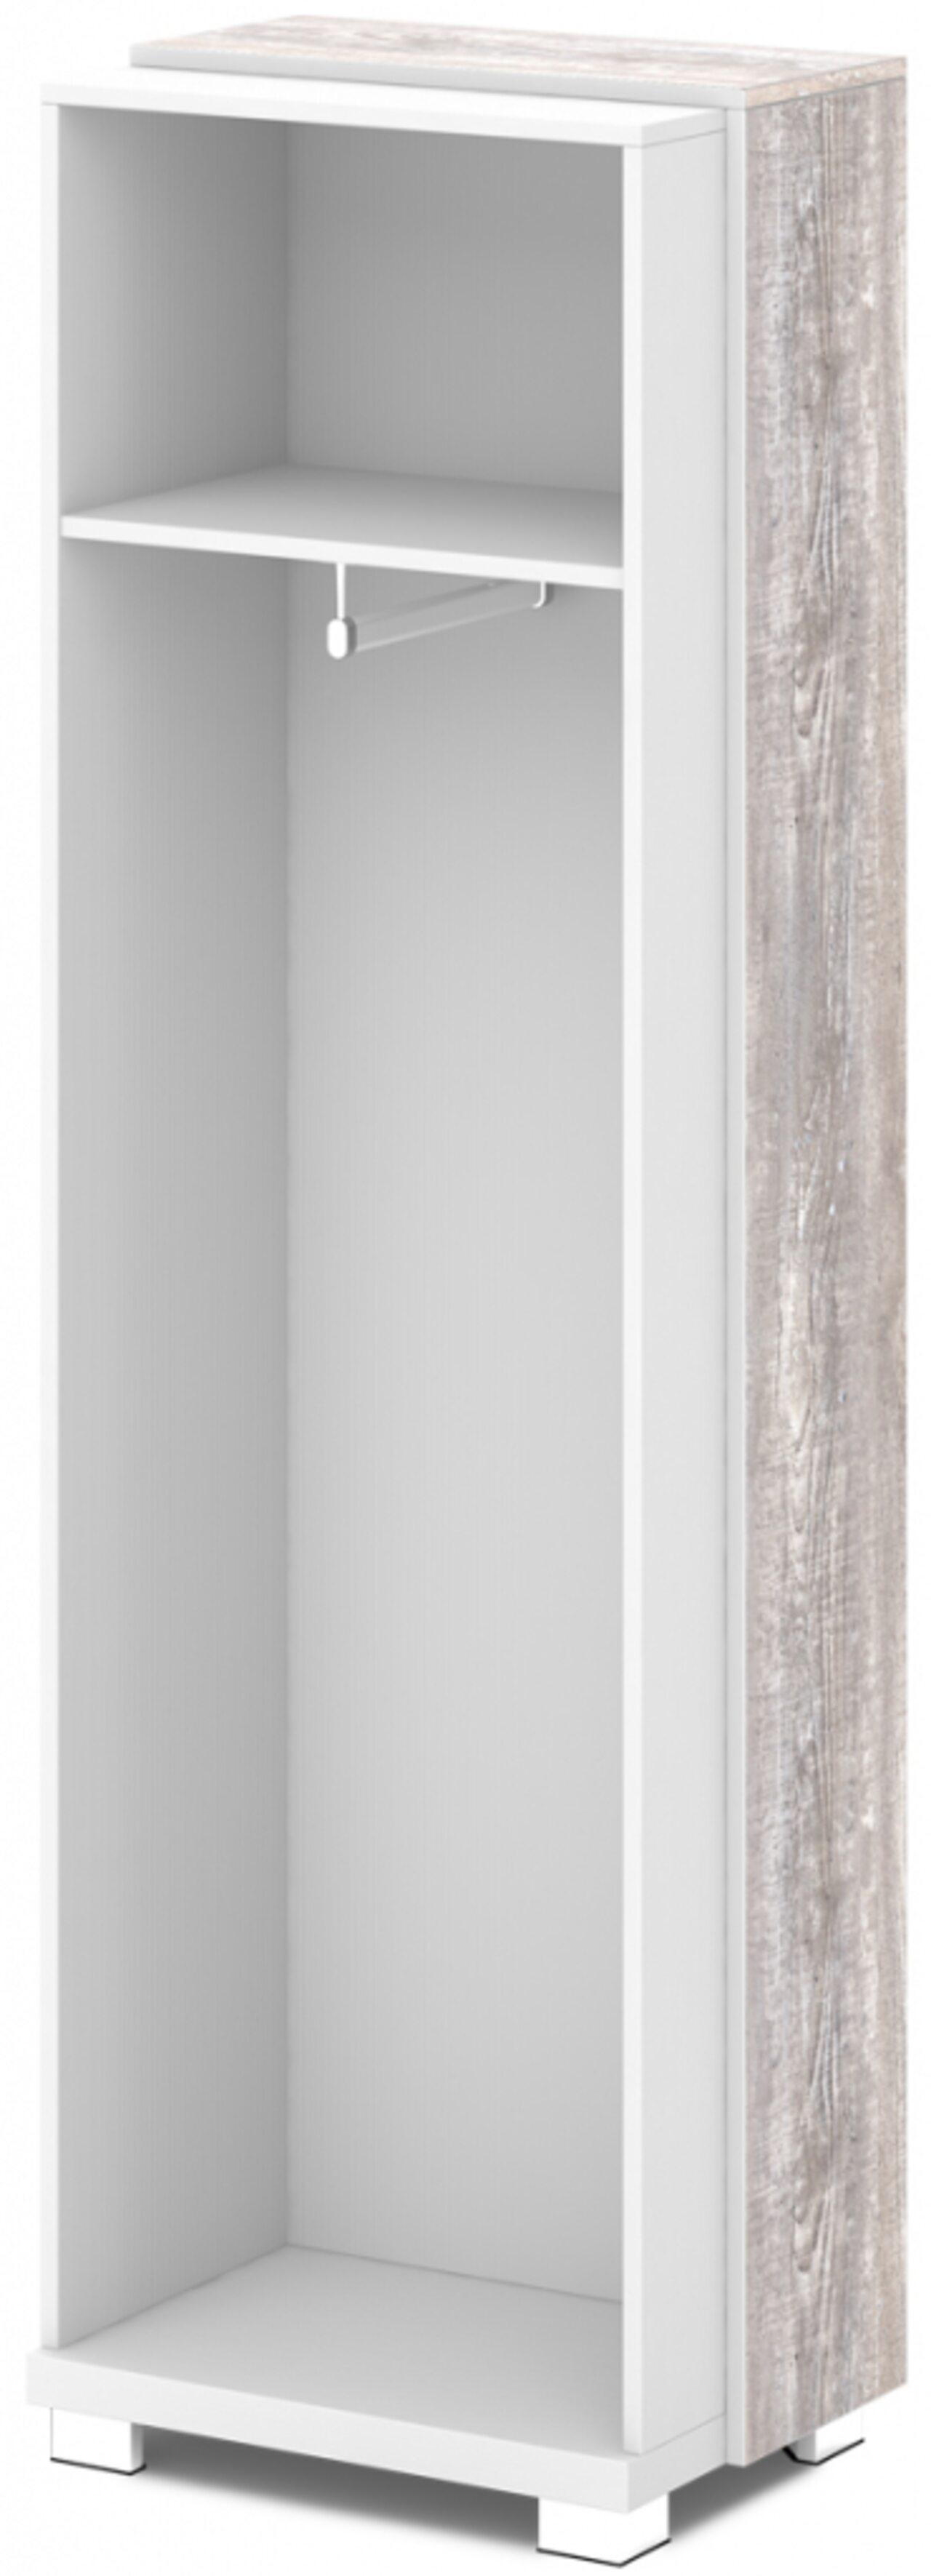 Каркас шкафа для одежды крайний  GRACE 62x44x205 - фото 1